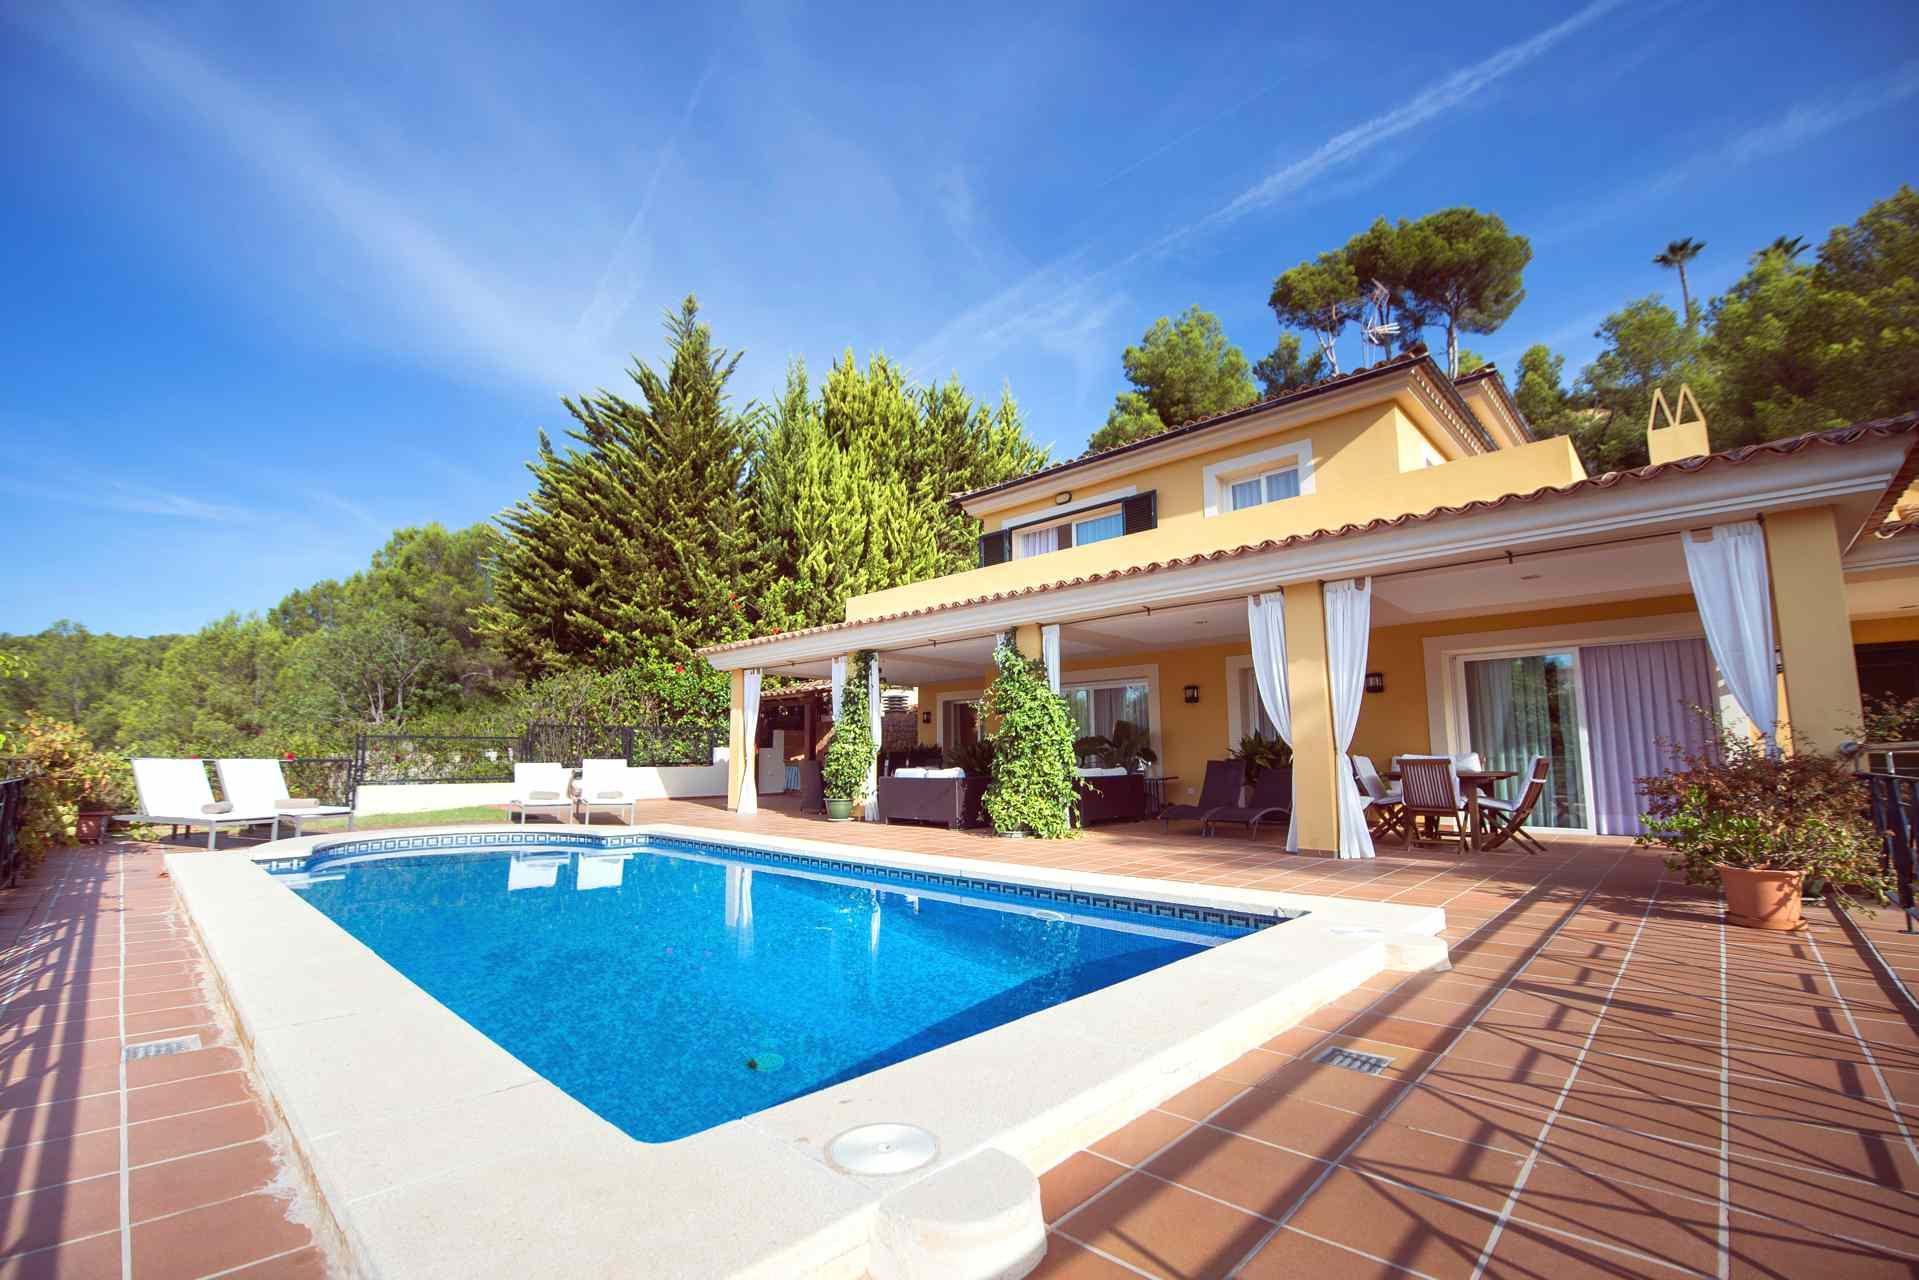 Golfplatz Villa S Dwesten Mallorca In Bendinat Luxus